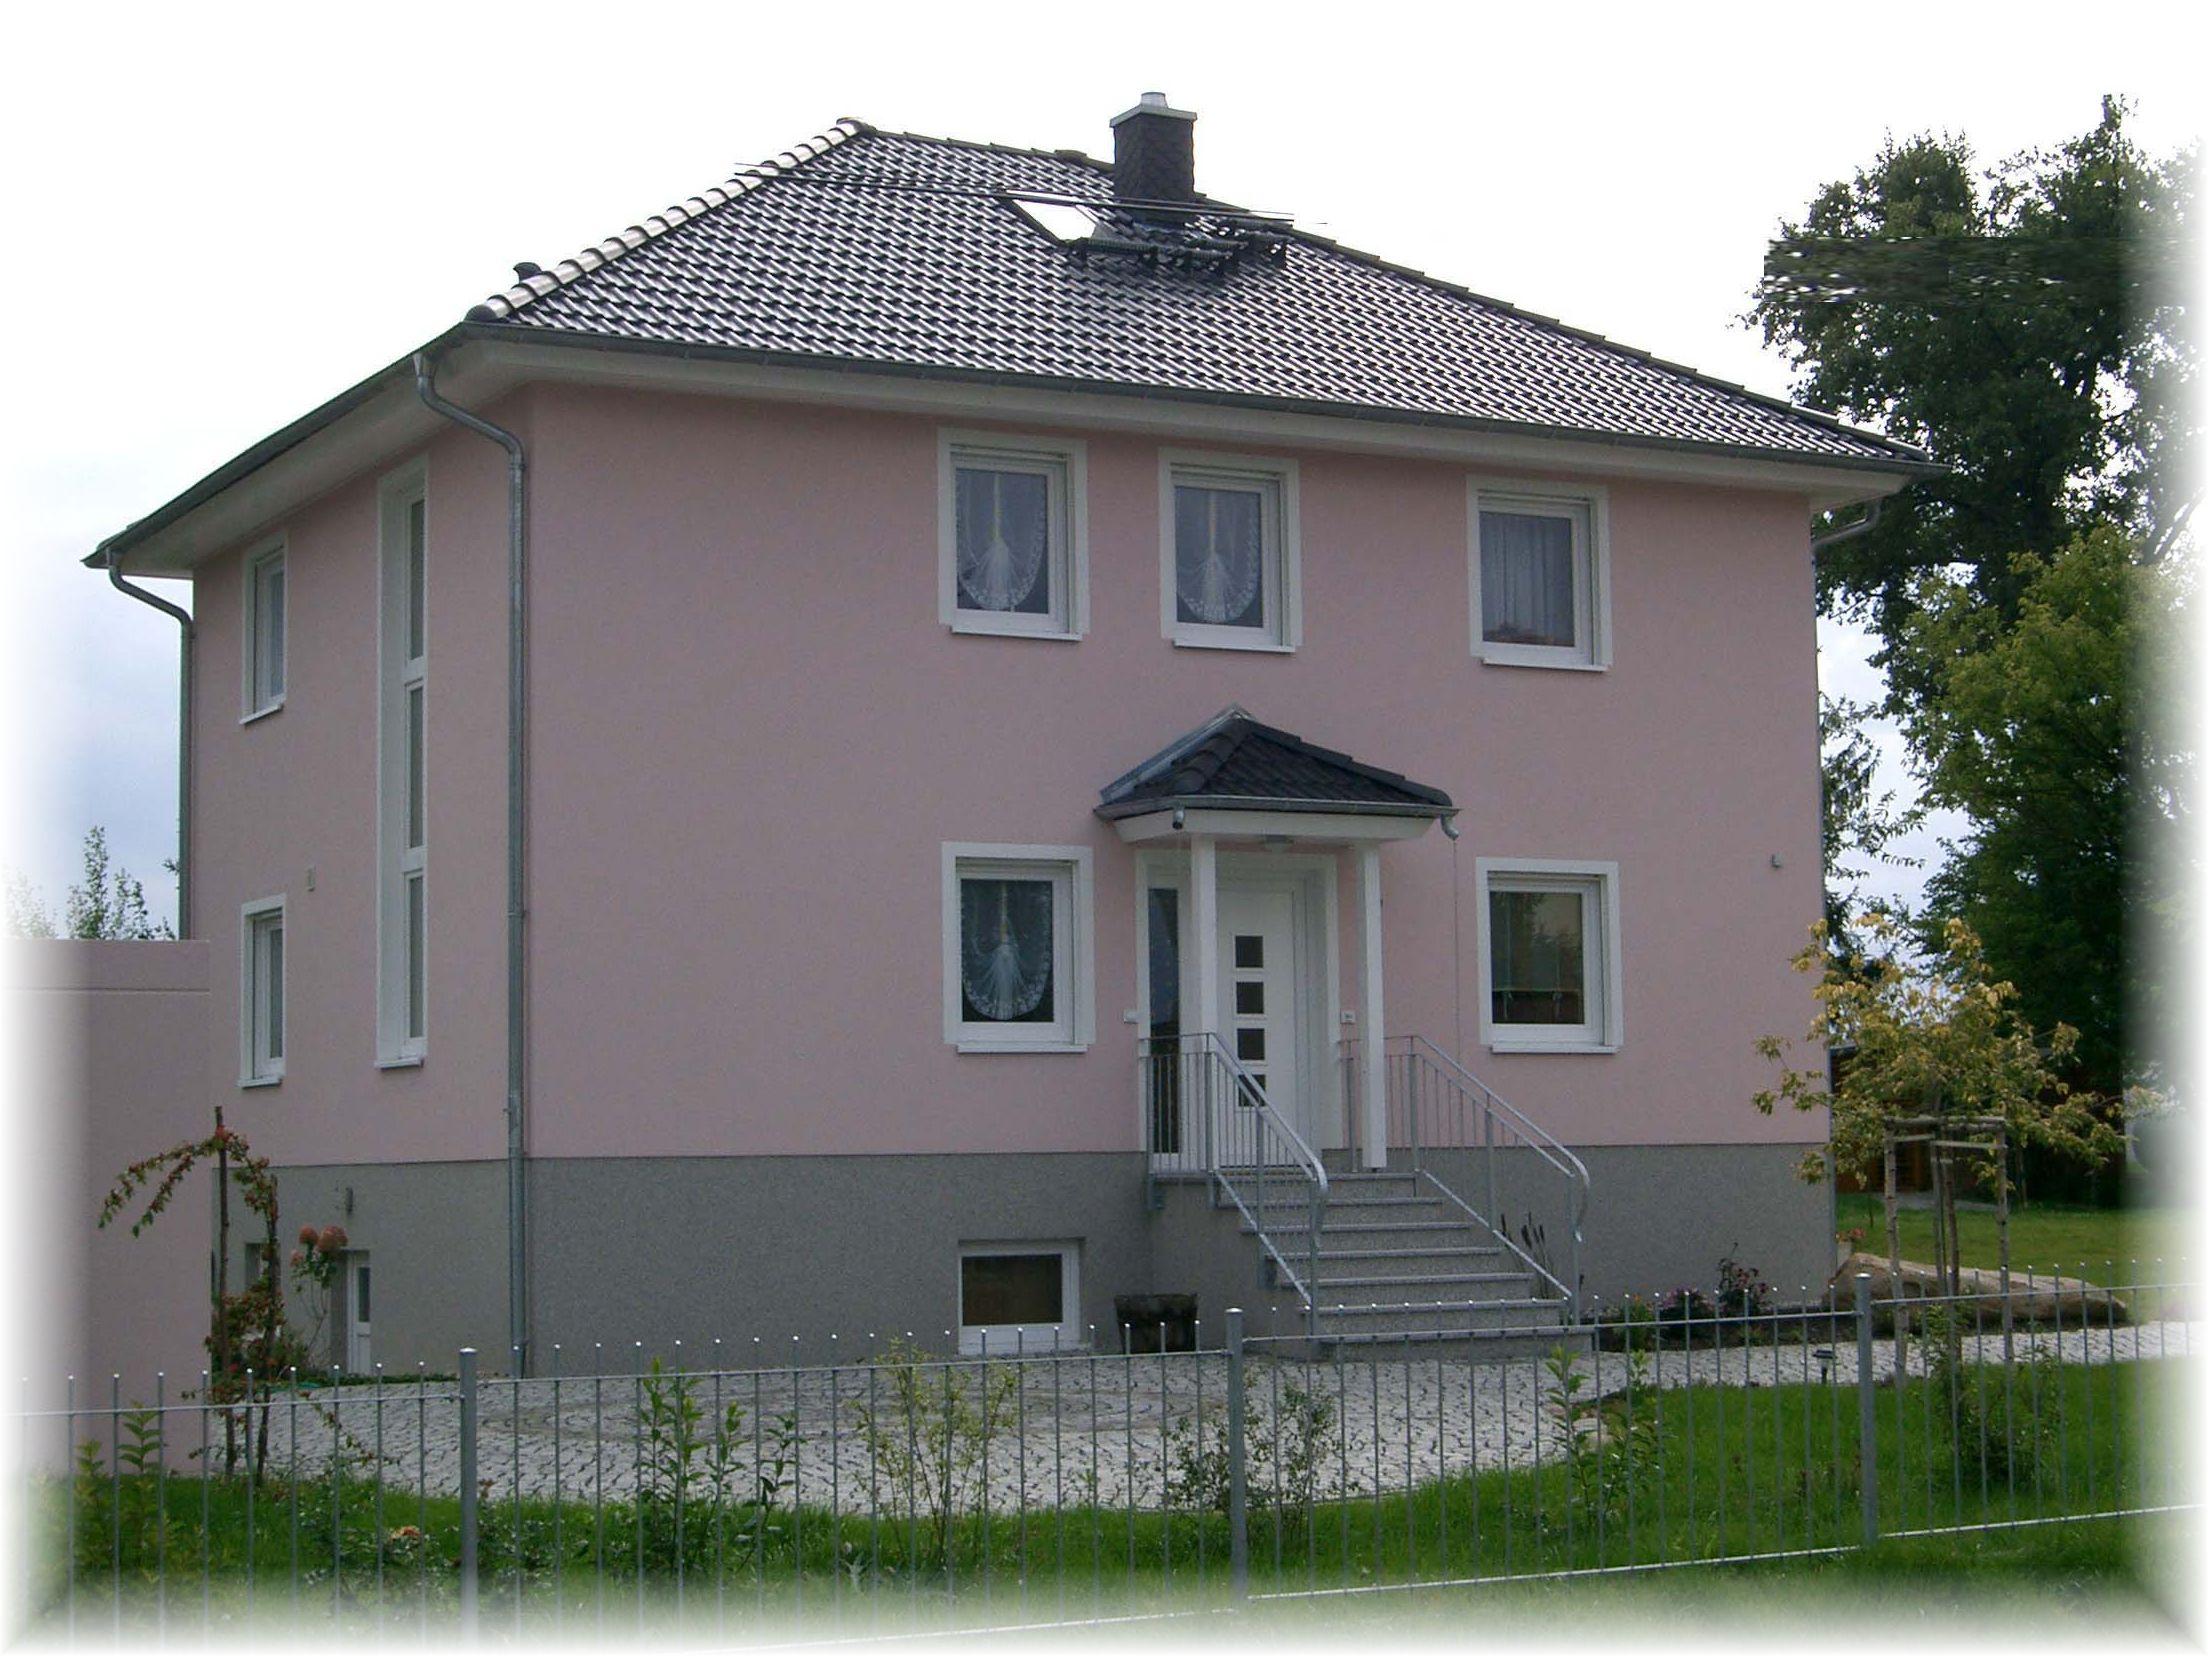 Beste Von Farbgestaltung Hausfassade Beispiele Ideen